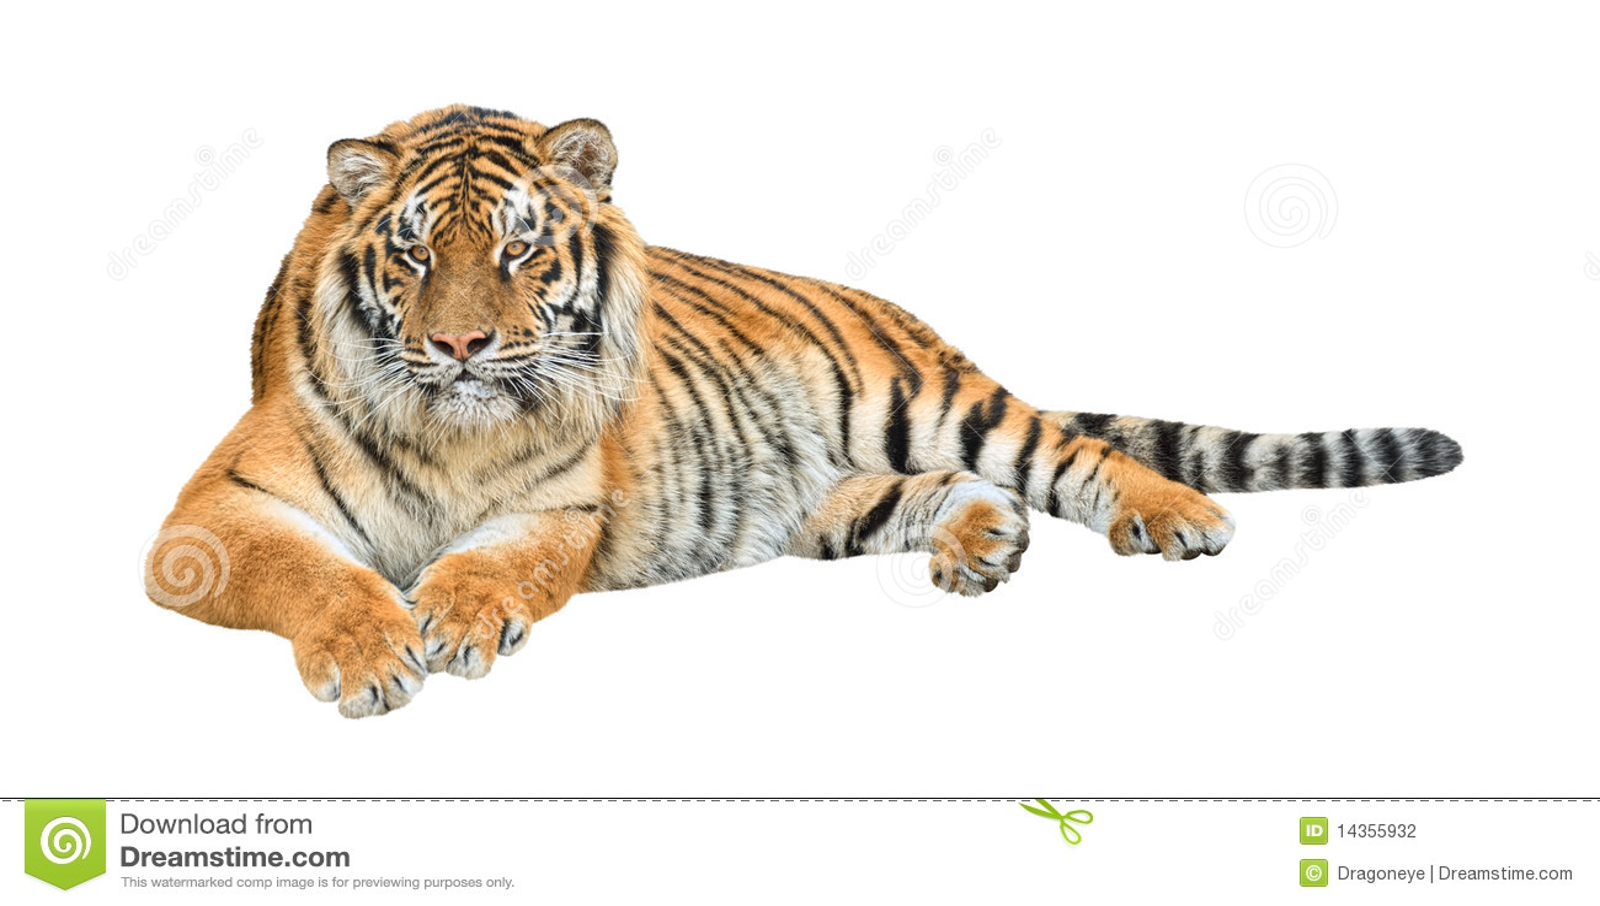 虎 老虎 桌面